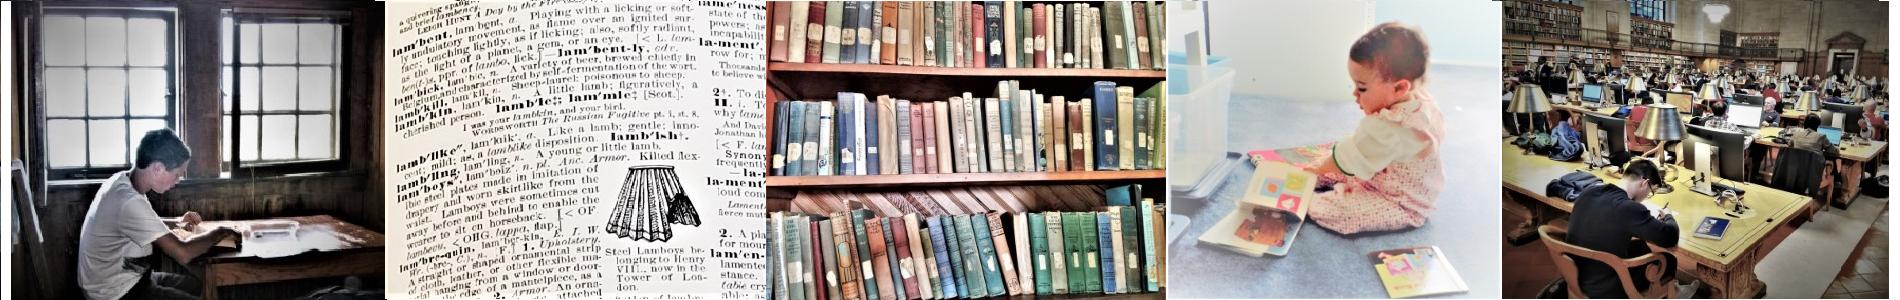 book slider